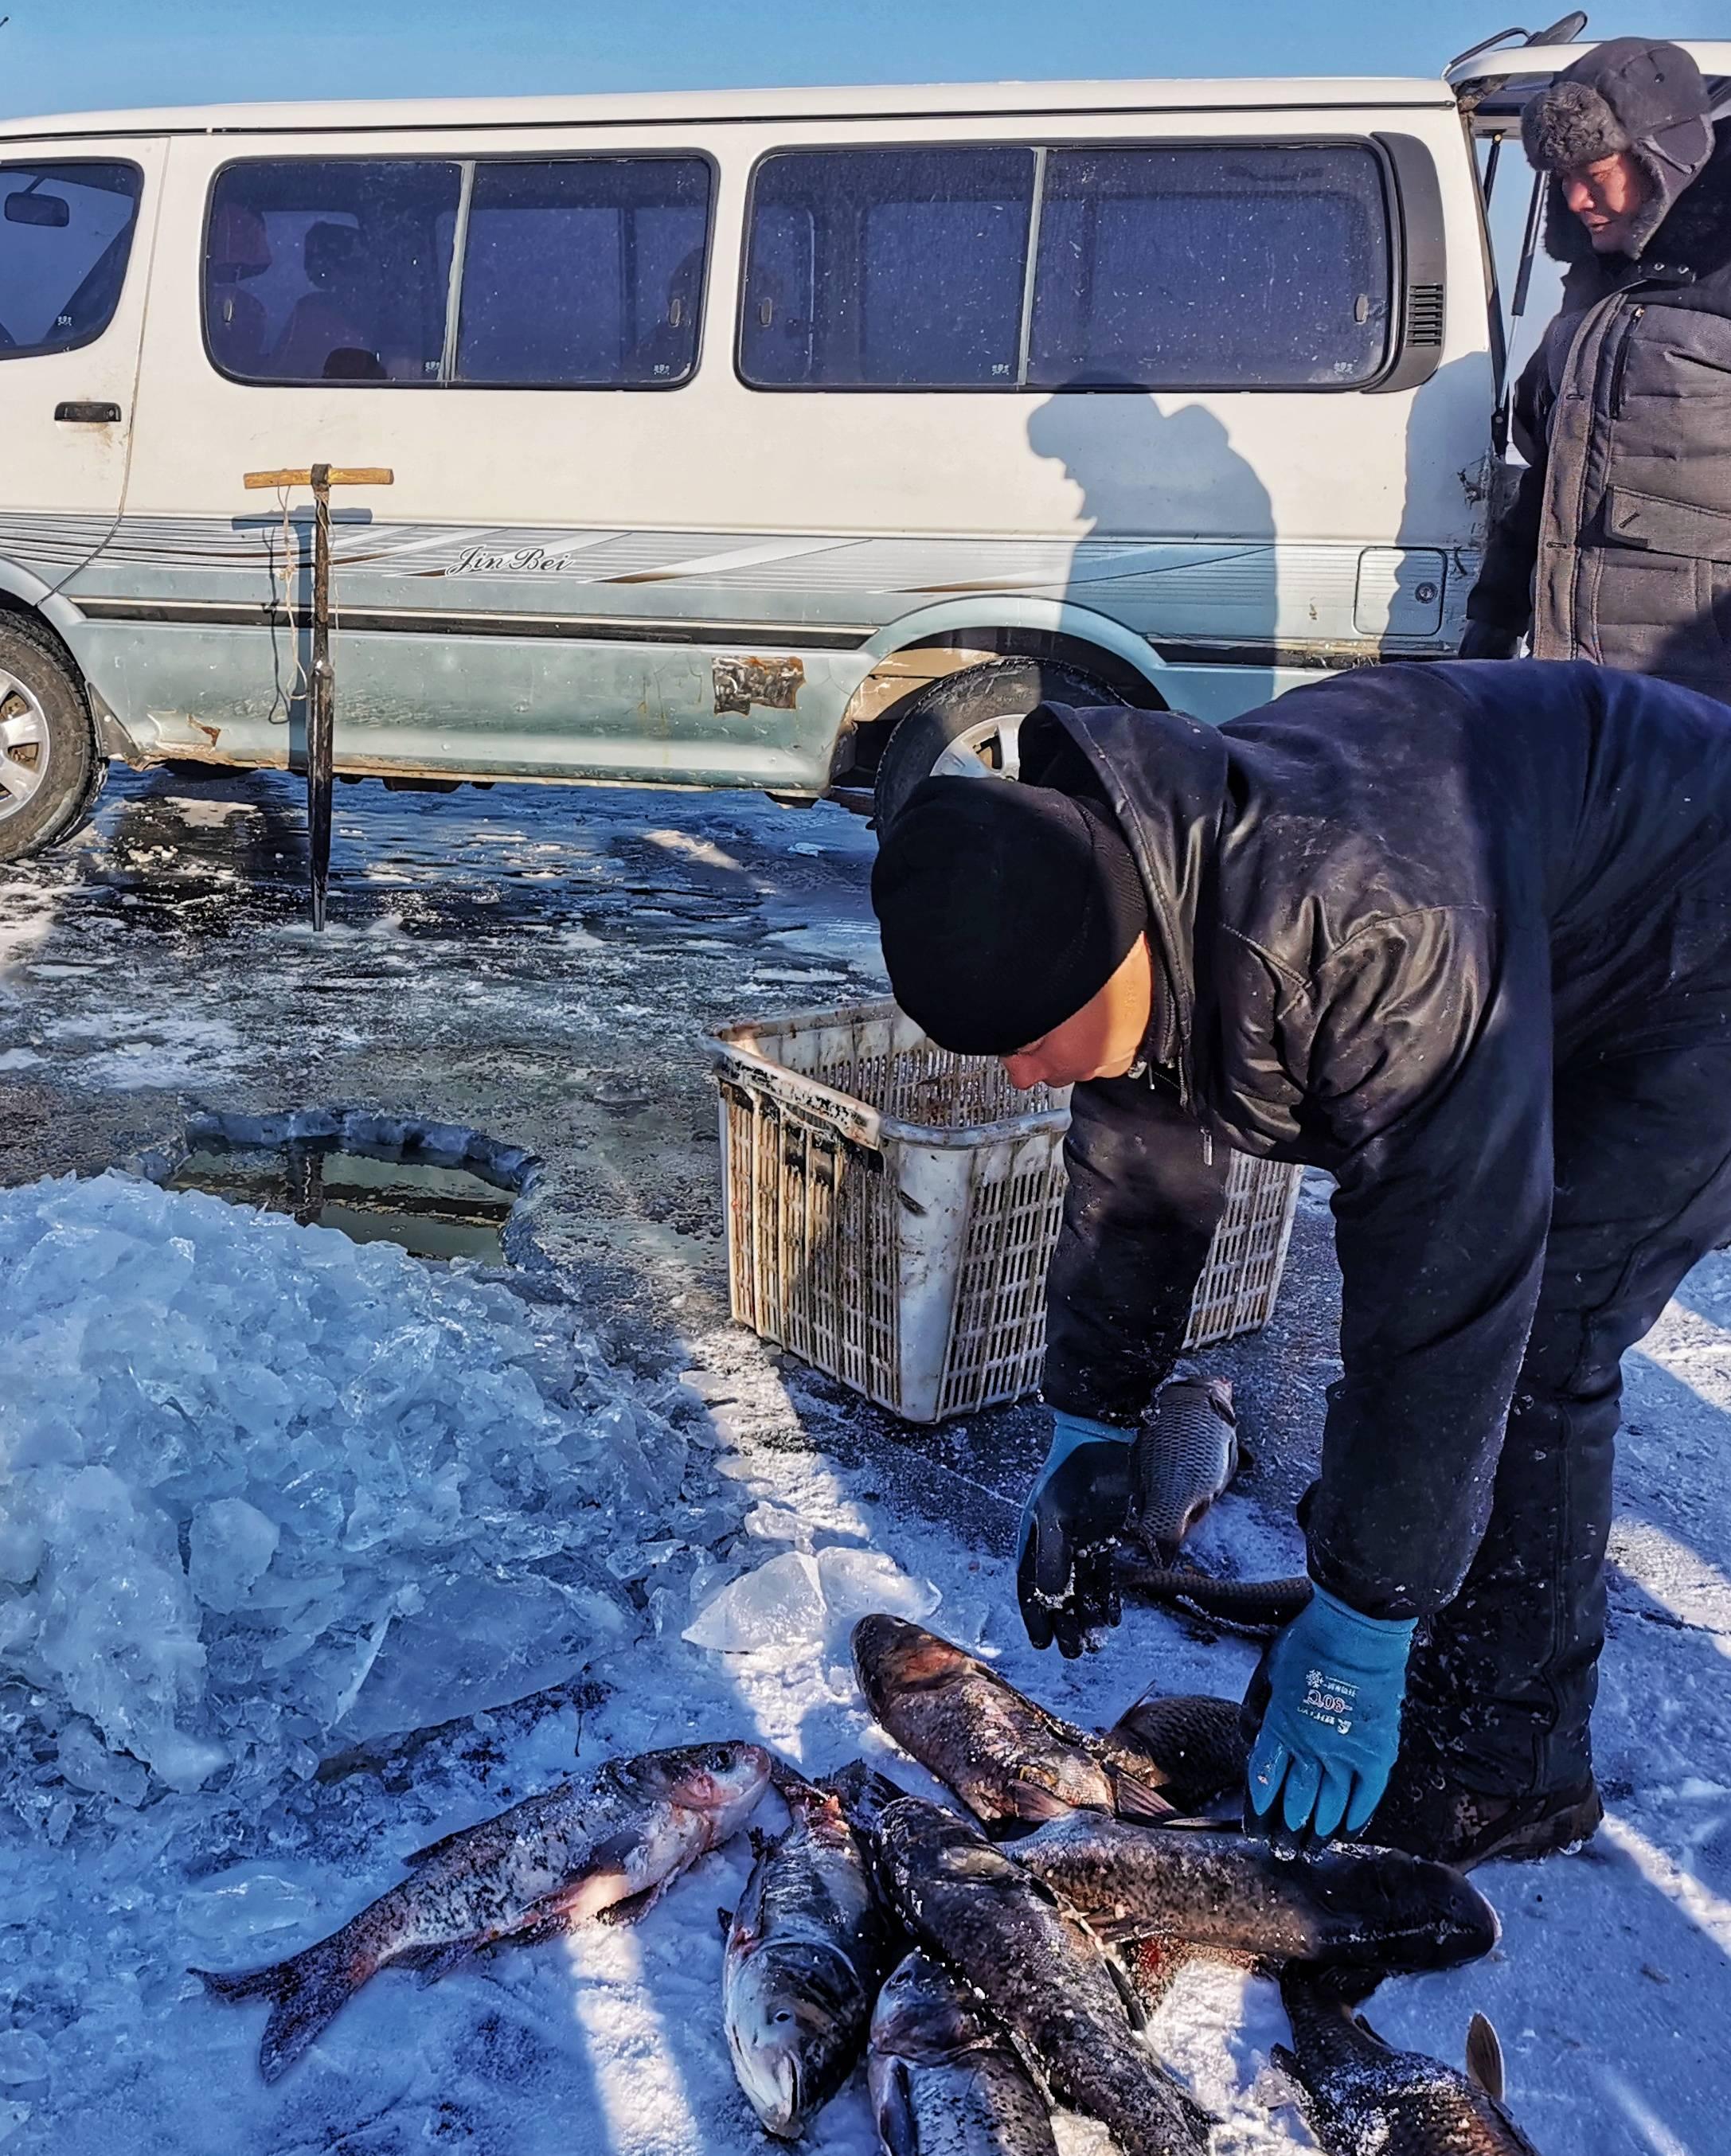 大庆杜尔伯特蒙古族自治县,爱鱼竟然胜羊肉,人人能做全鱼宴